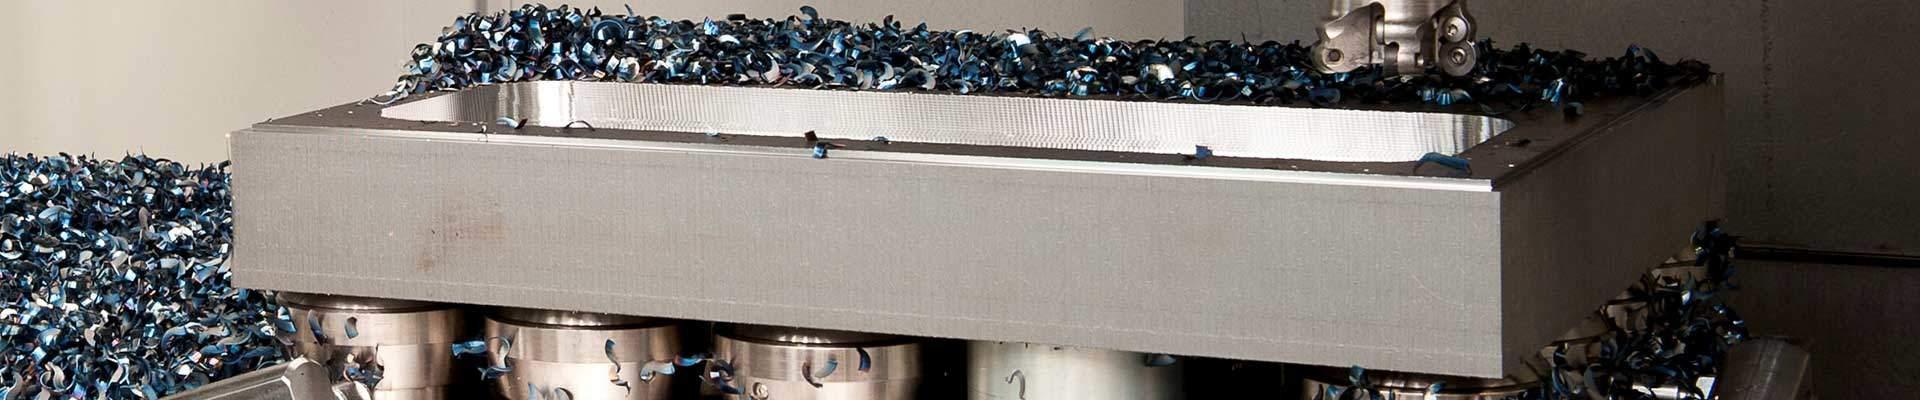 Stenzel Werkzeugtechnik | Mill Tec Grip